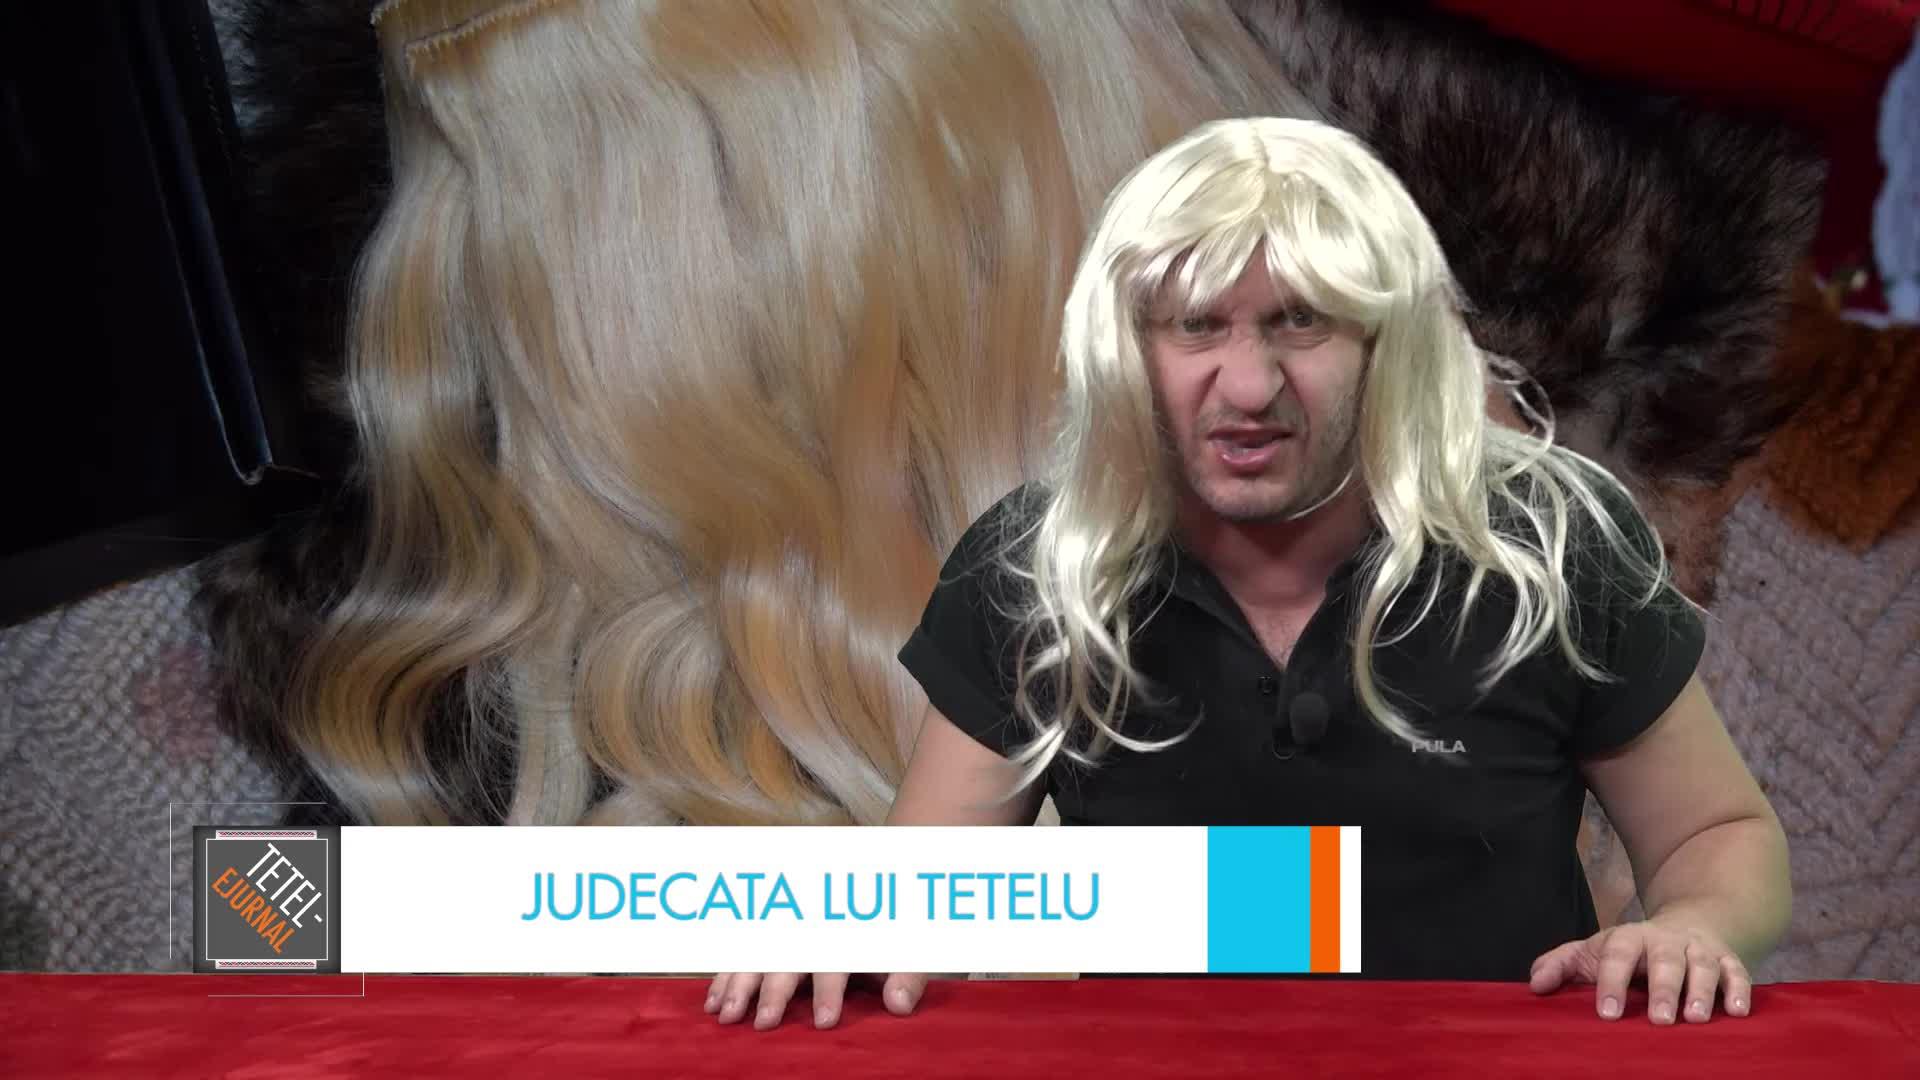 Judecata lui Tetelu: Contrabandiştii de silicoane